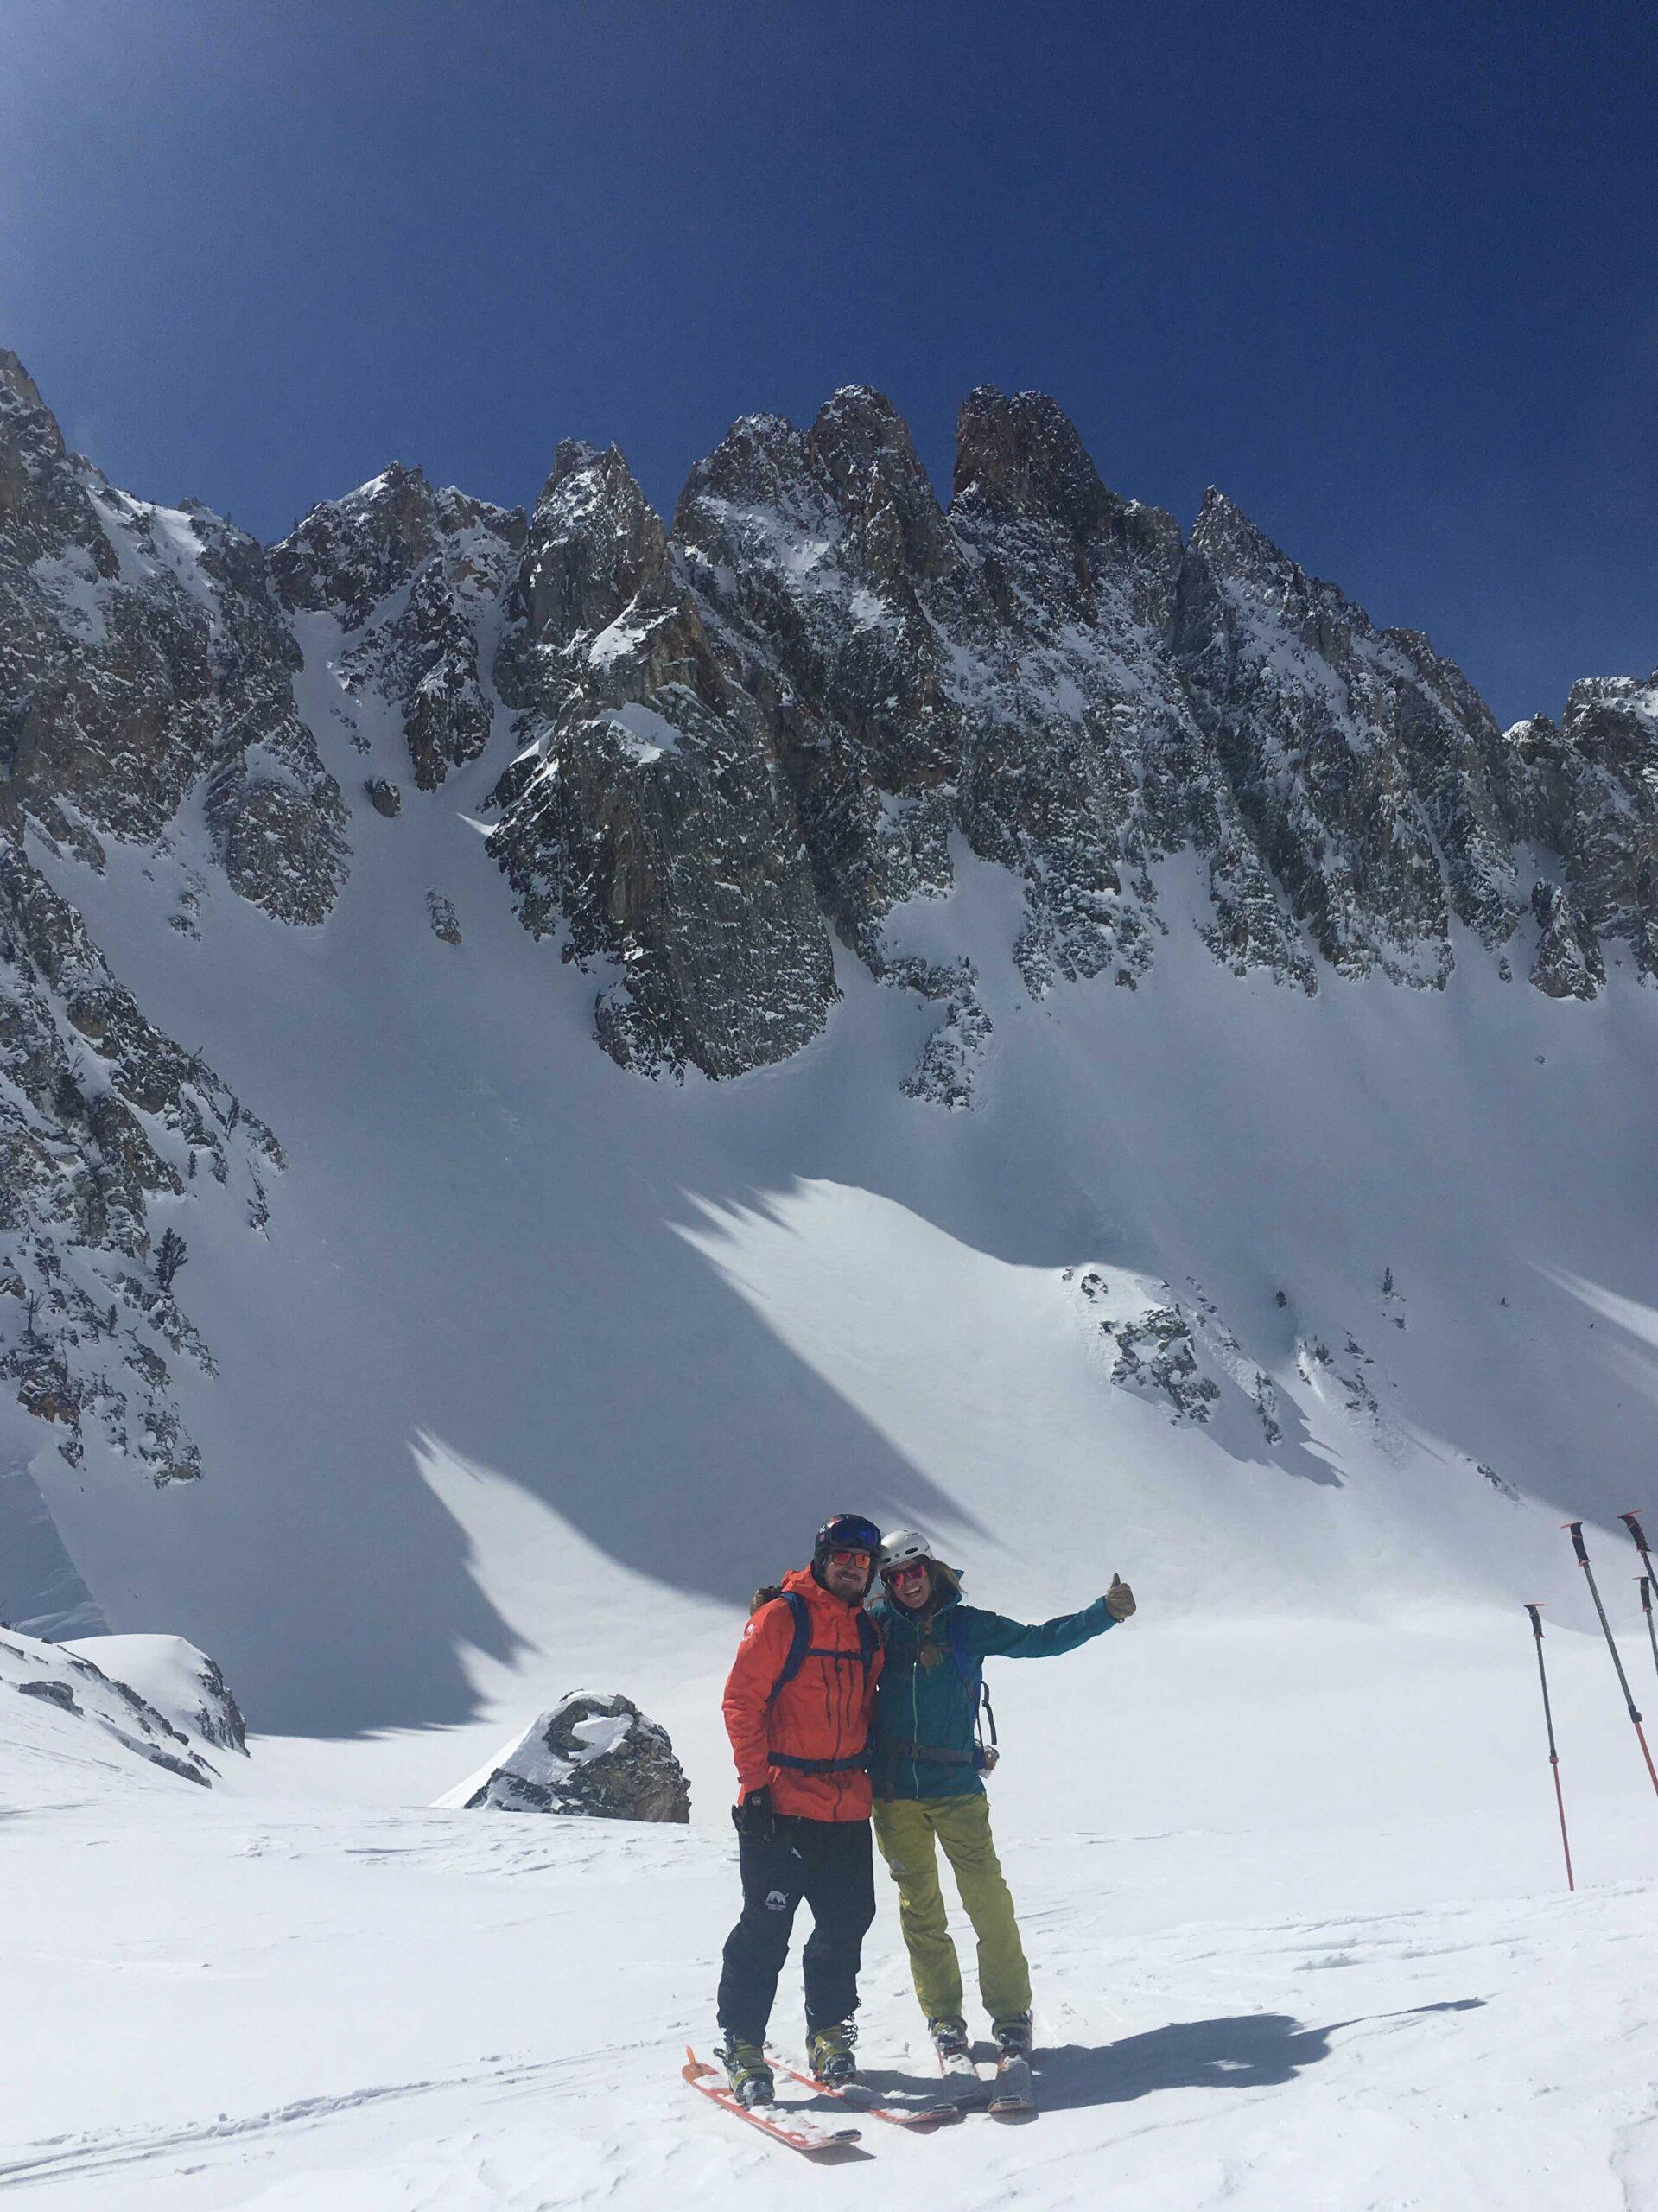 guided_ski_tours_in_utah_shaun_weston